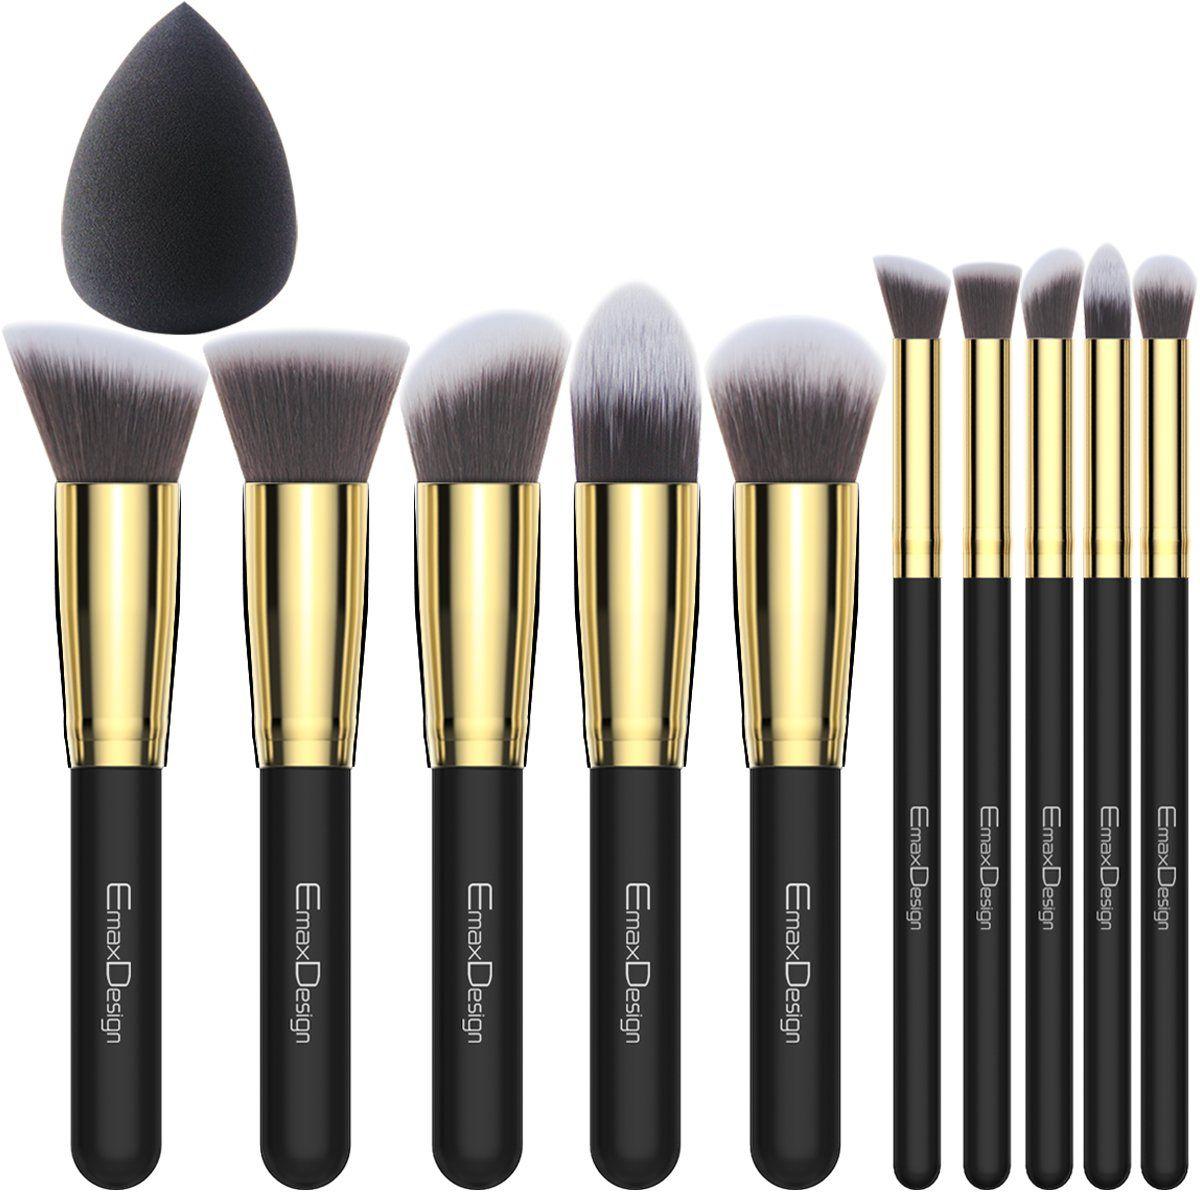 EmaxDesign 10 1 Pieces Makeup Brush Set, 10 Pieces